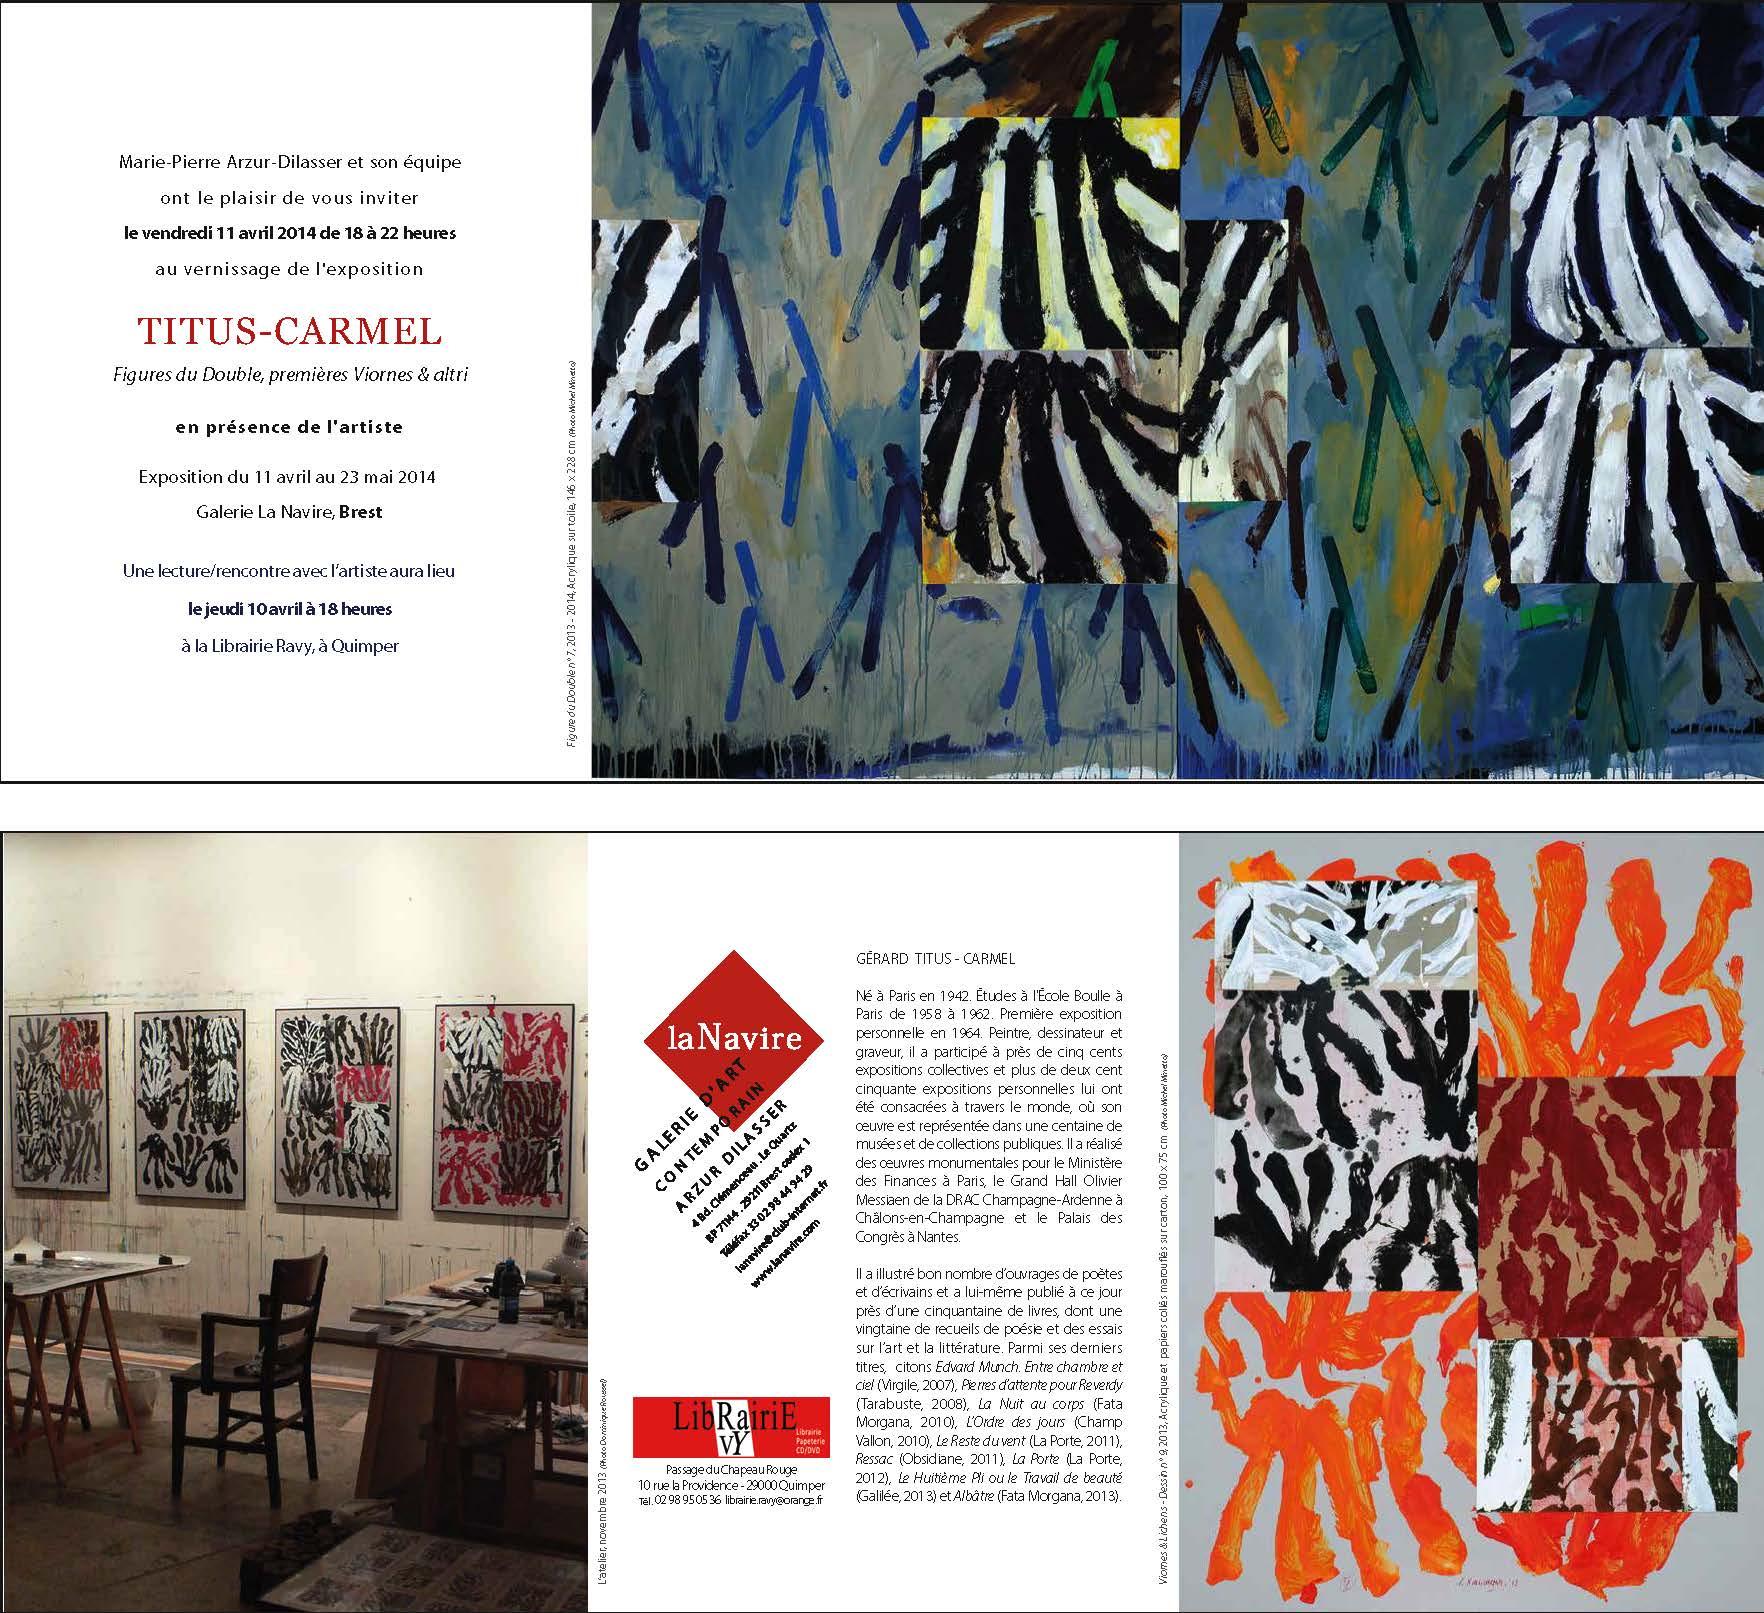 2014 Titus-Carmel